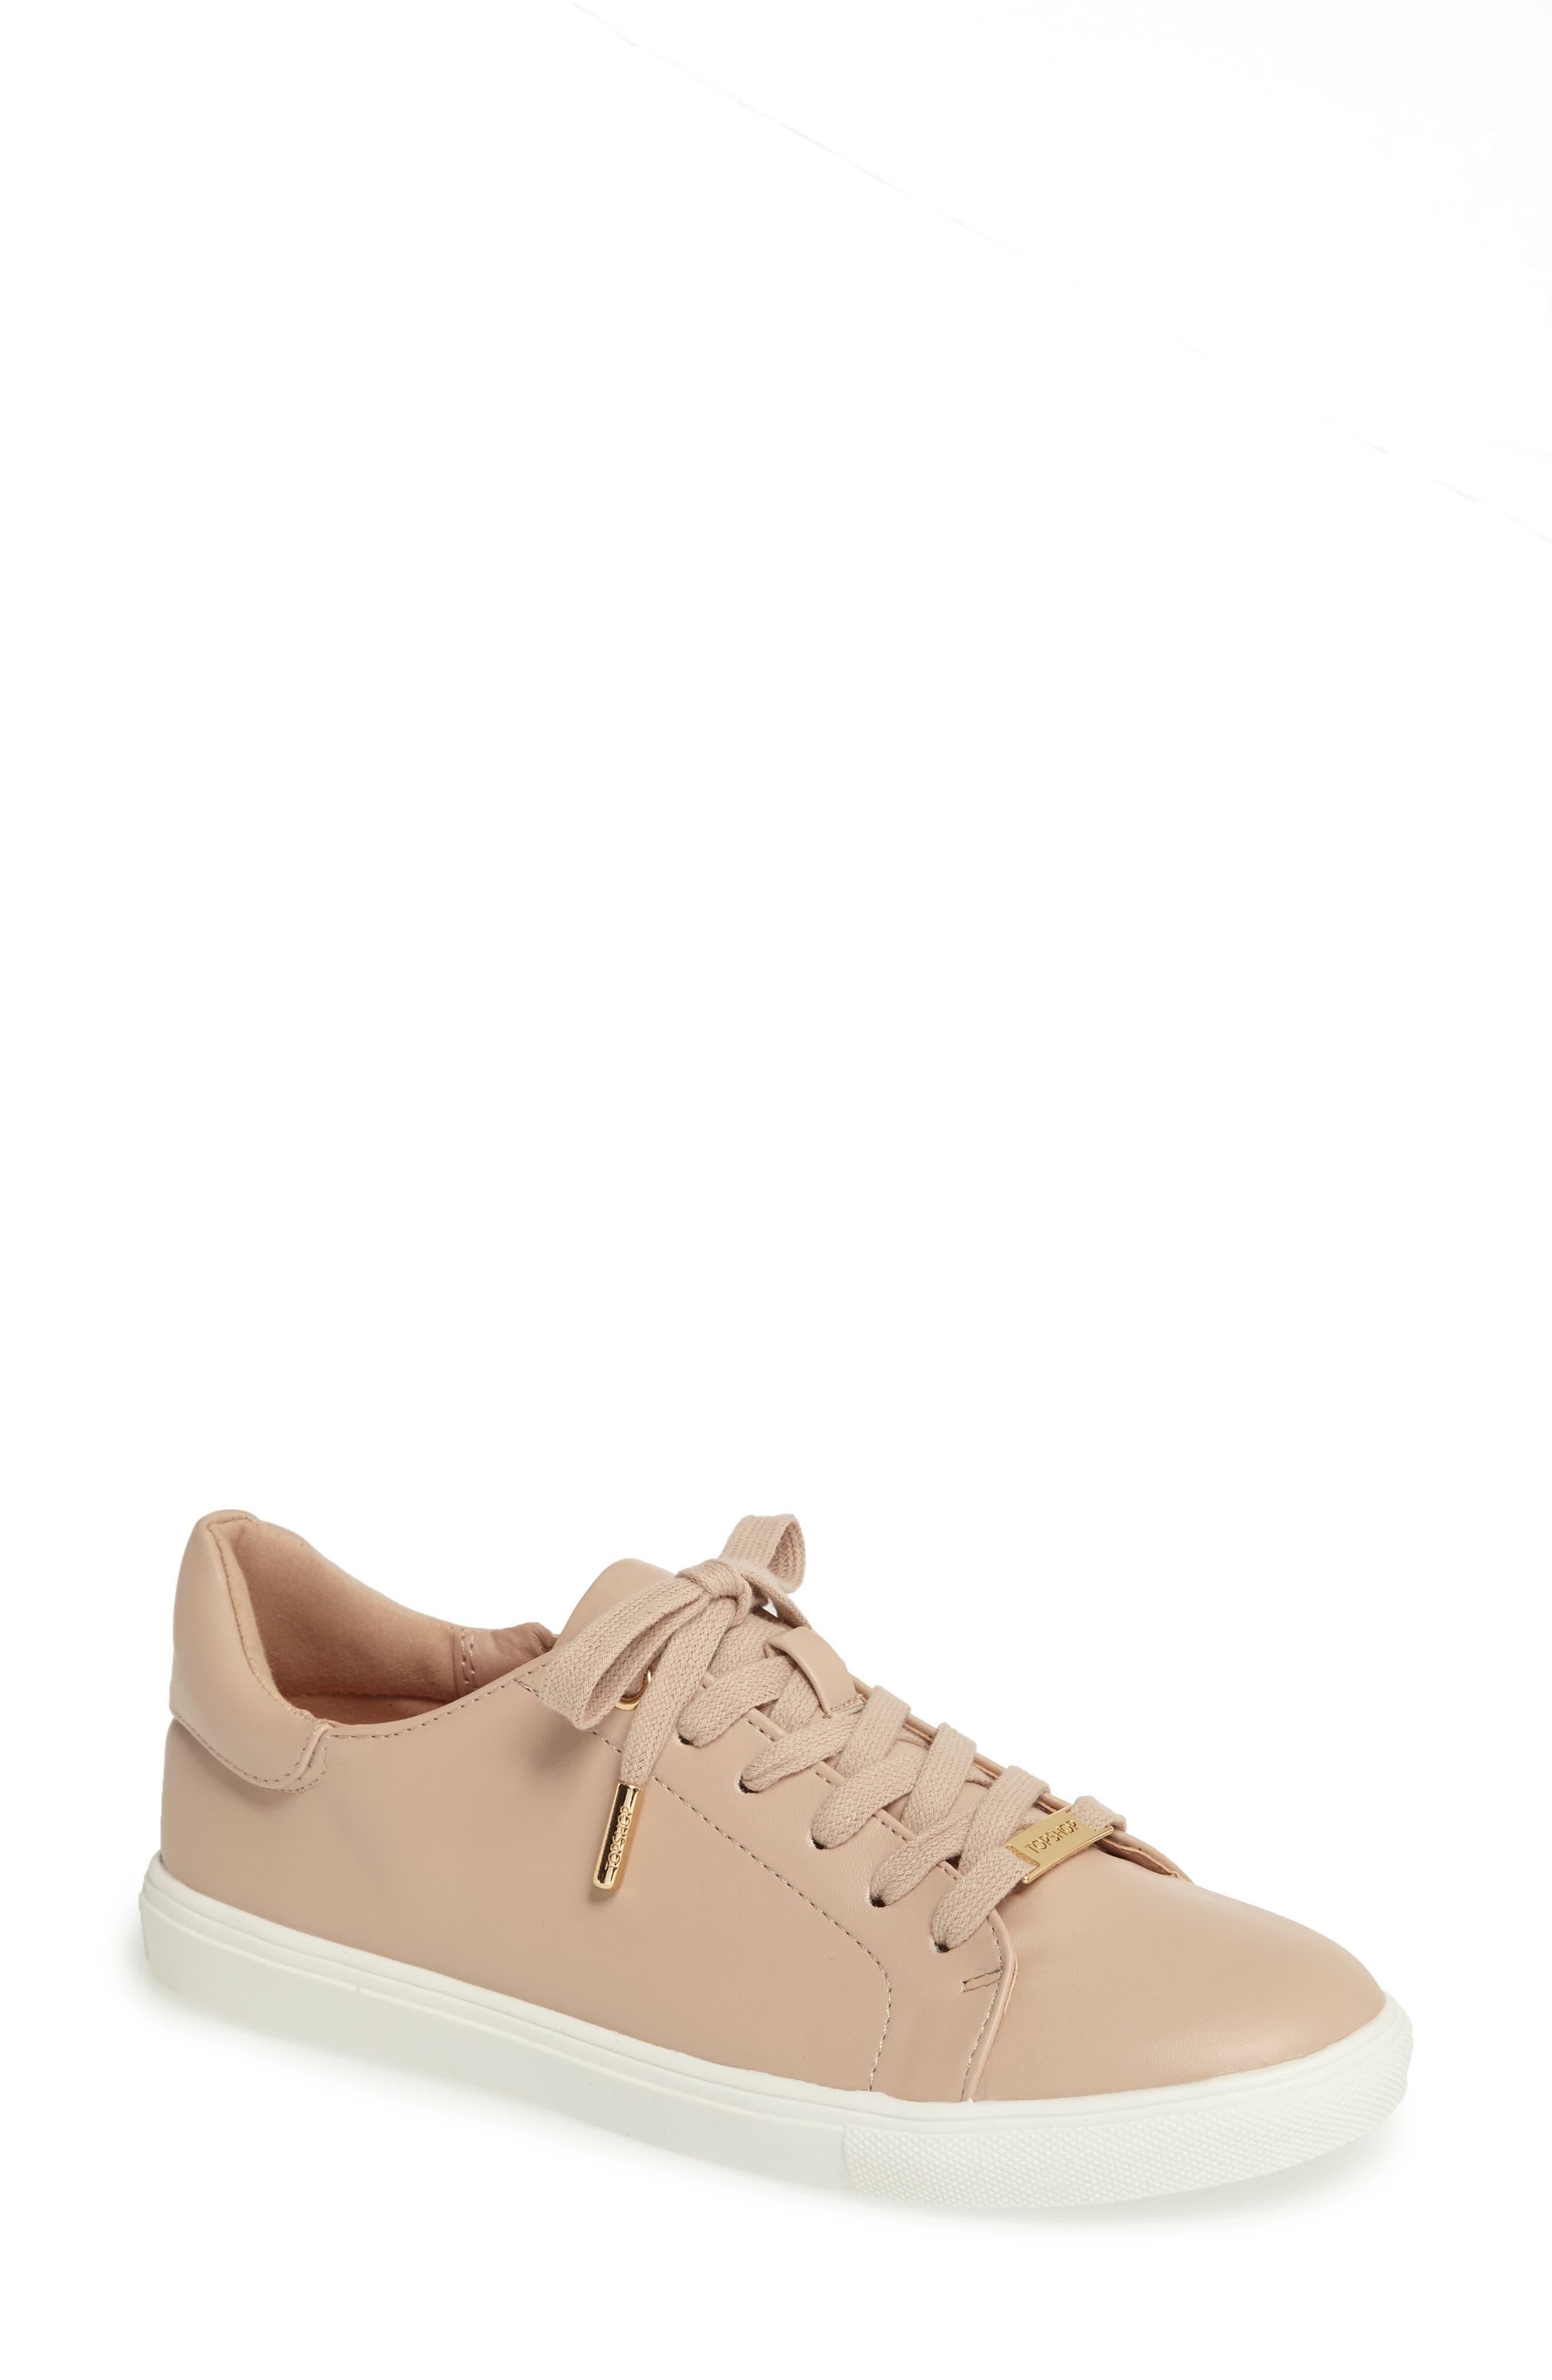 Catseye Sneaker,                         Main,                         color, Beige